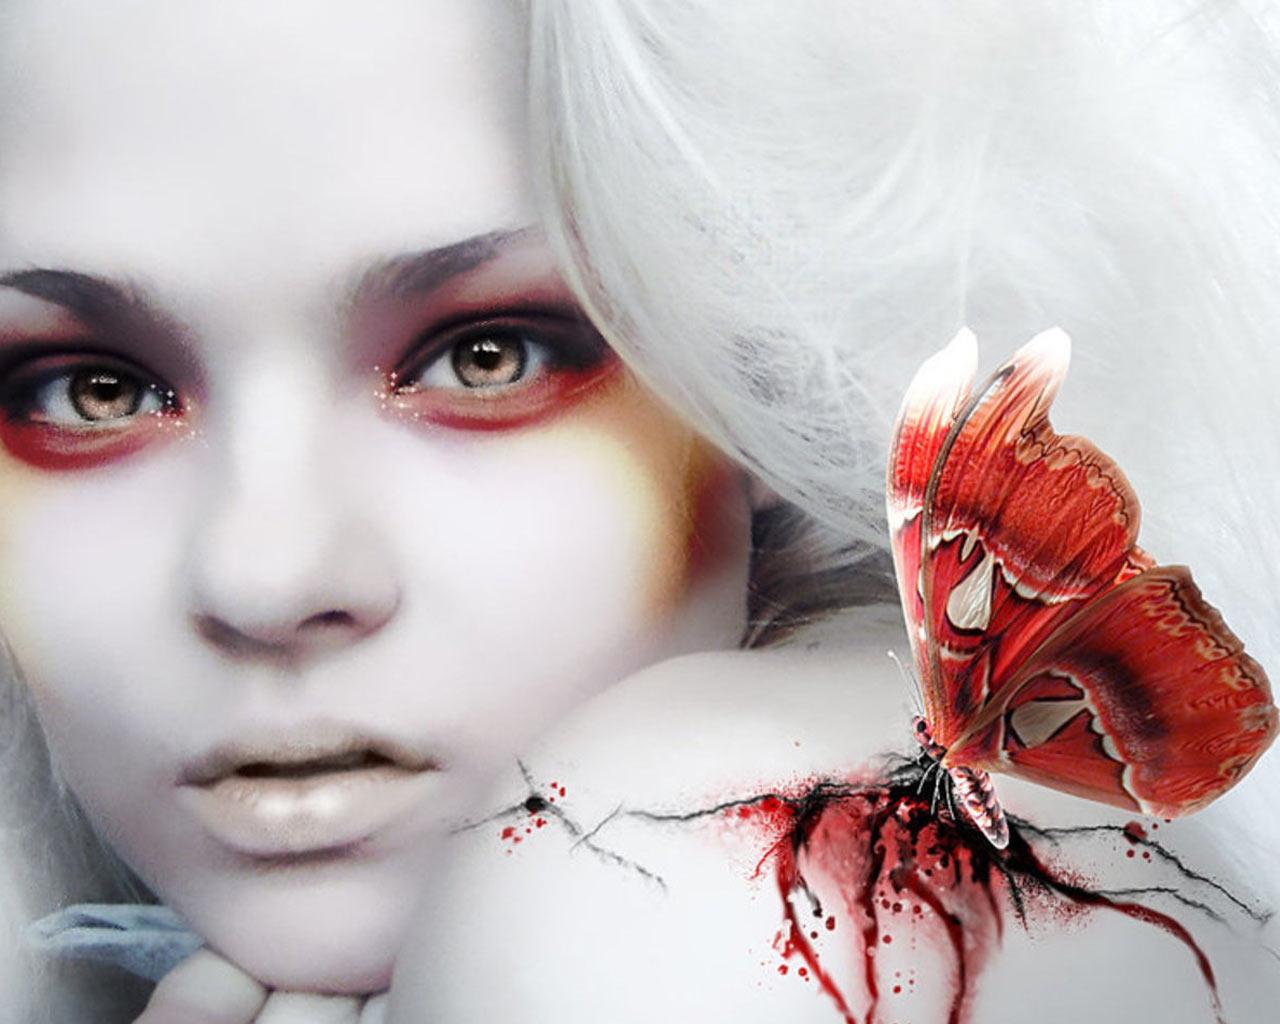 девушка вампир, бабочка пьет кровь, скачать фото, обои для рабочего стола